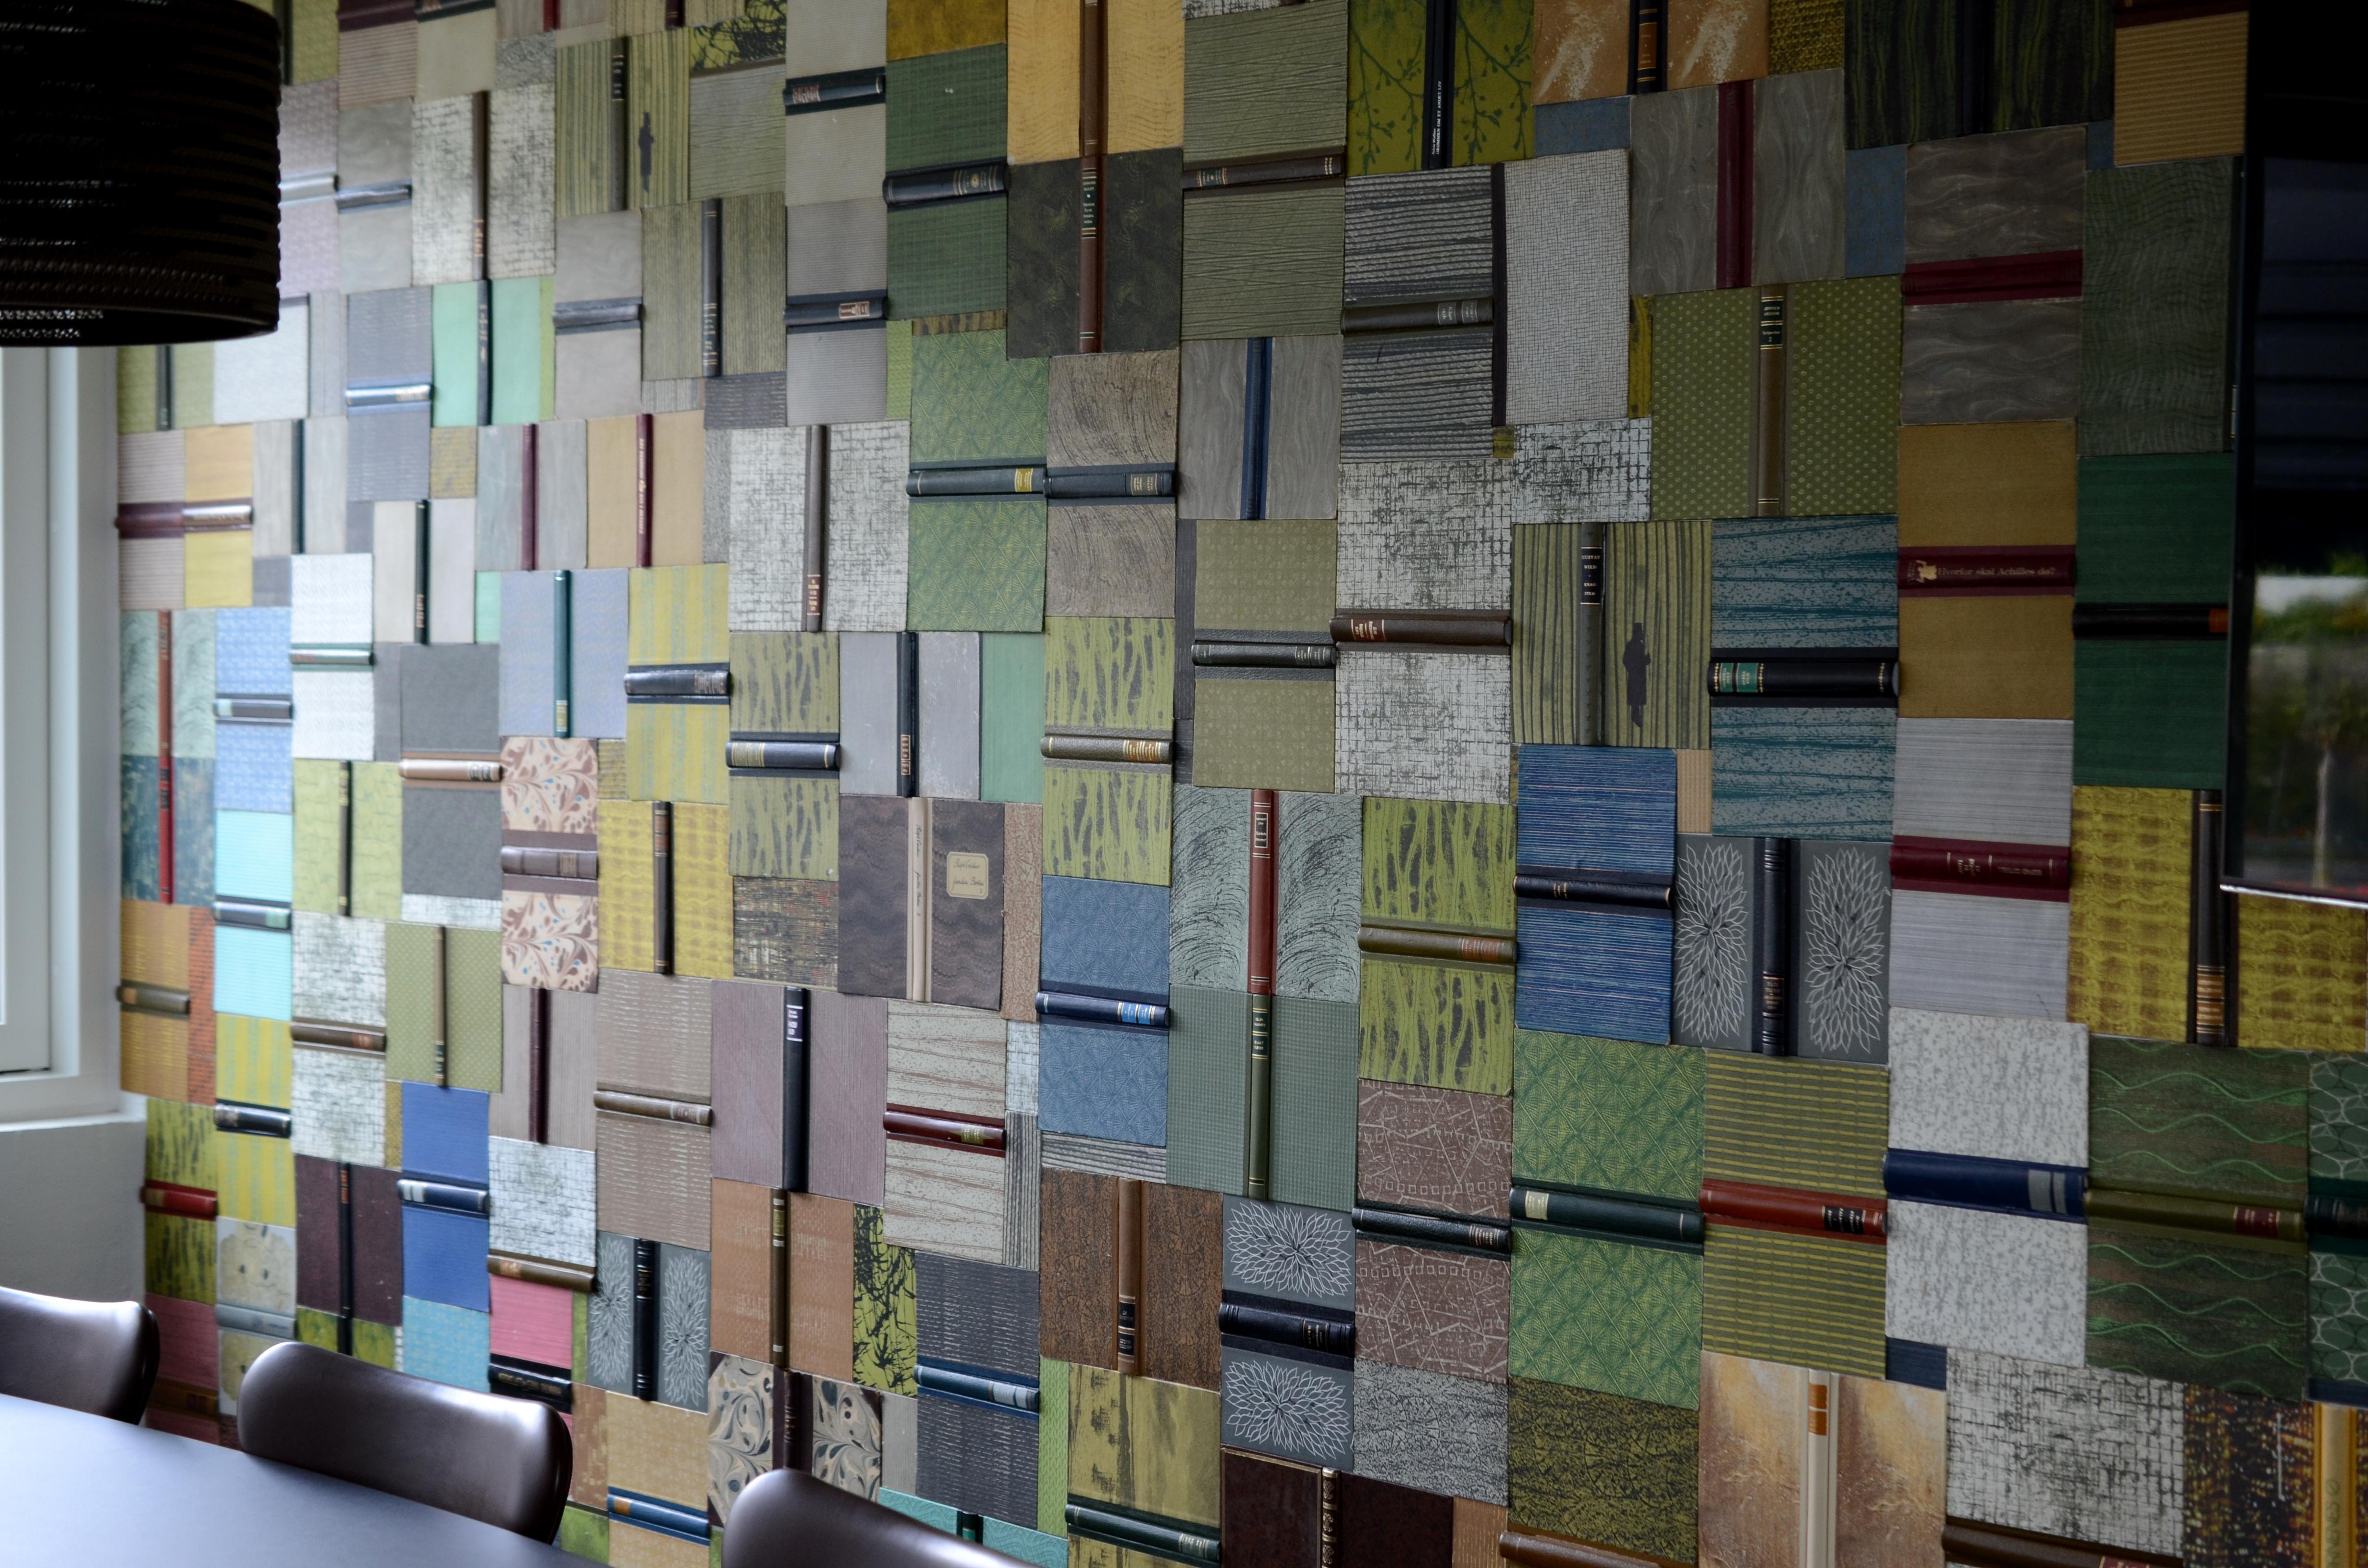 Længere inde findes der veludsmykkede mødelokaler med sjove detaljer, såsom en hel væg fyldt med opslåede bøger.